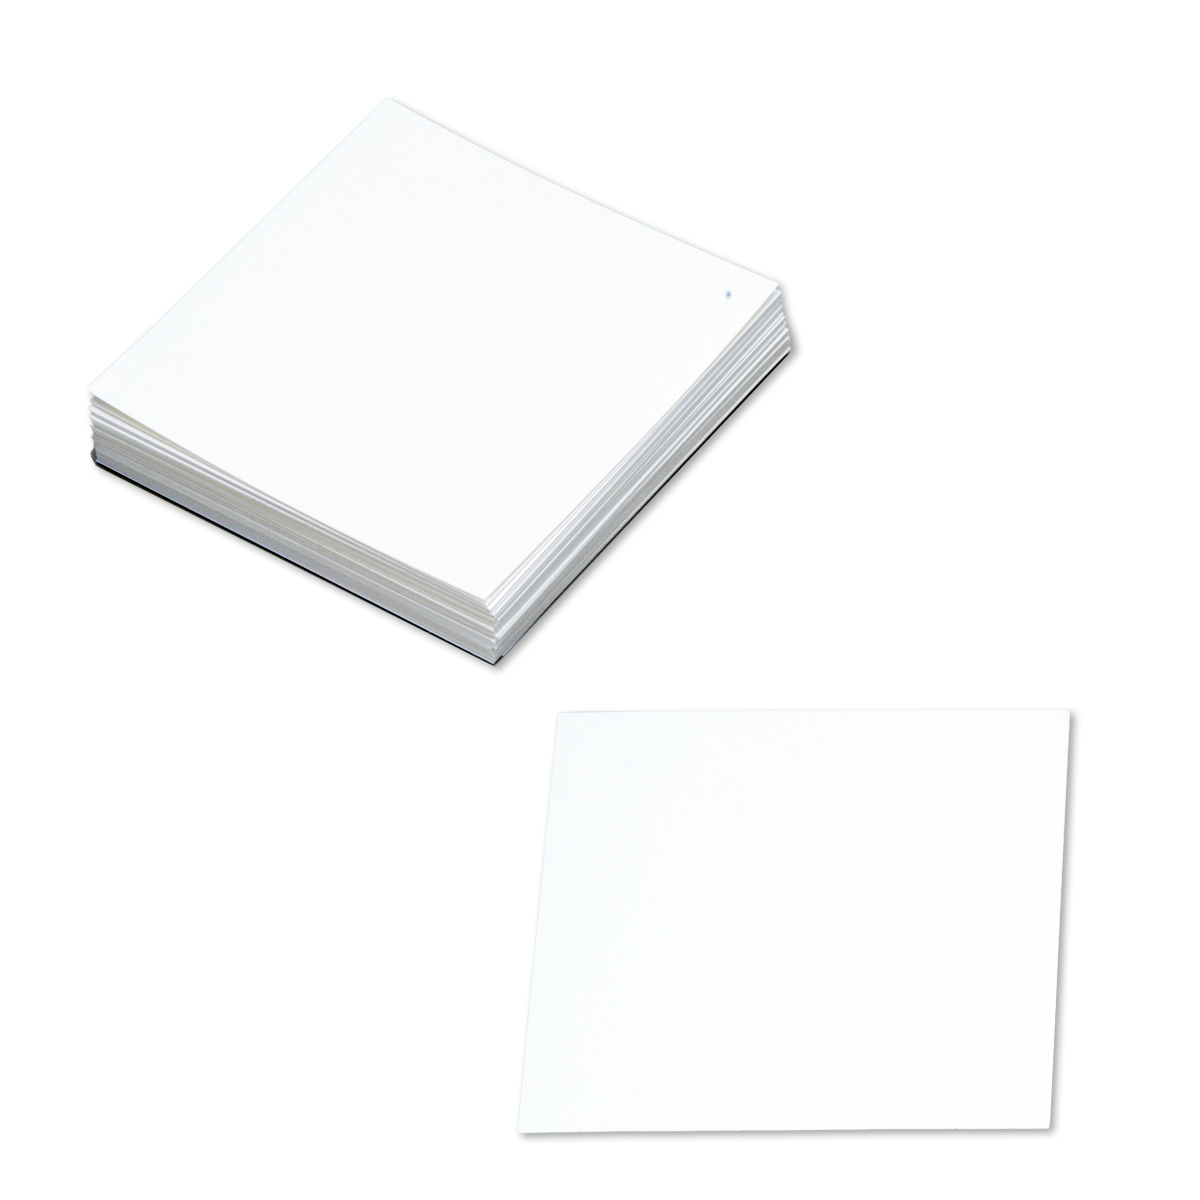 超激得SALE 多用途に使える正方形カード 爆買い送料無料 正方形マルチプルカード 100mm角 上質紙 100枚組